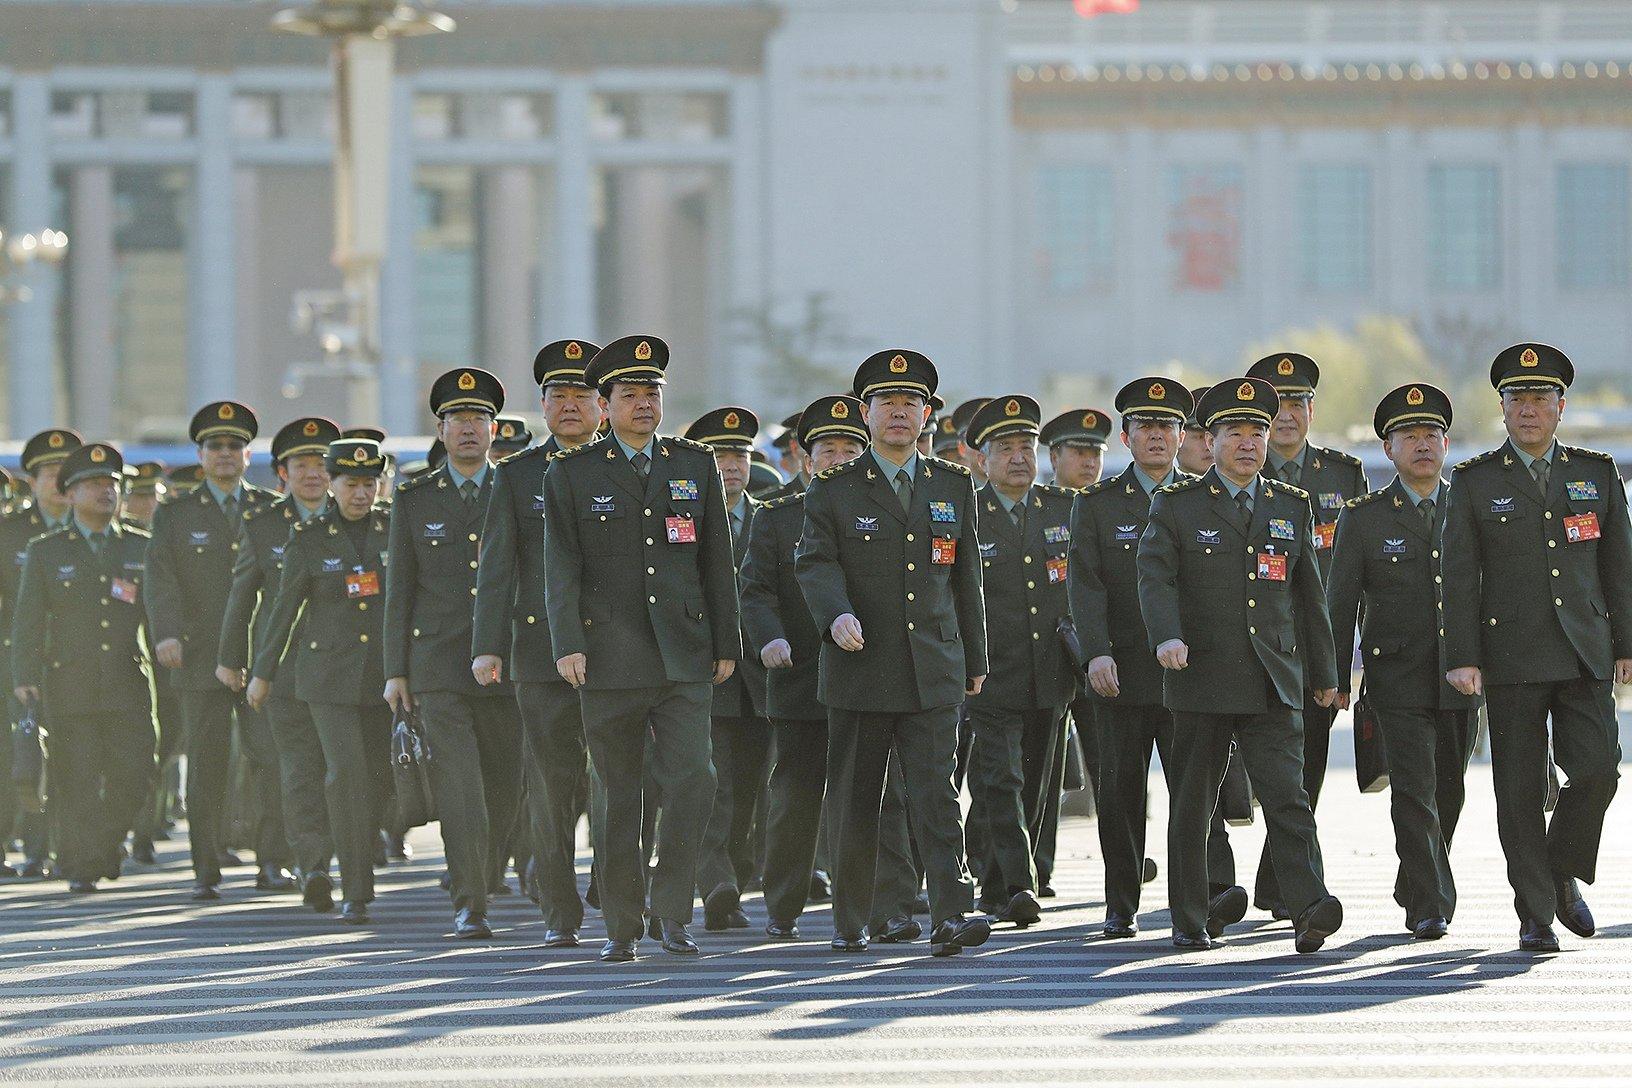 9月20日,美國政府對中共軍委下屬的裝備發展部及其部長李尚福實施制裁。圖為中共軍方資料照。(Getty Images)